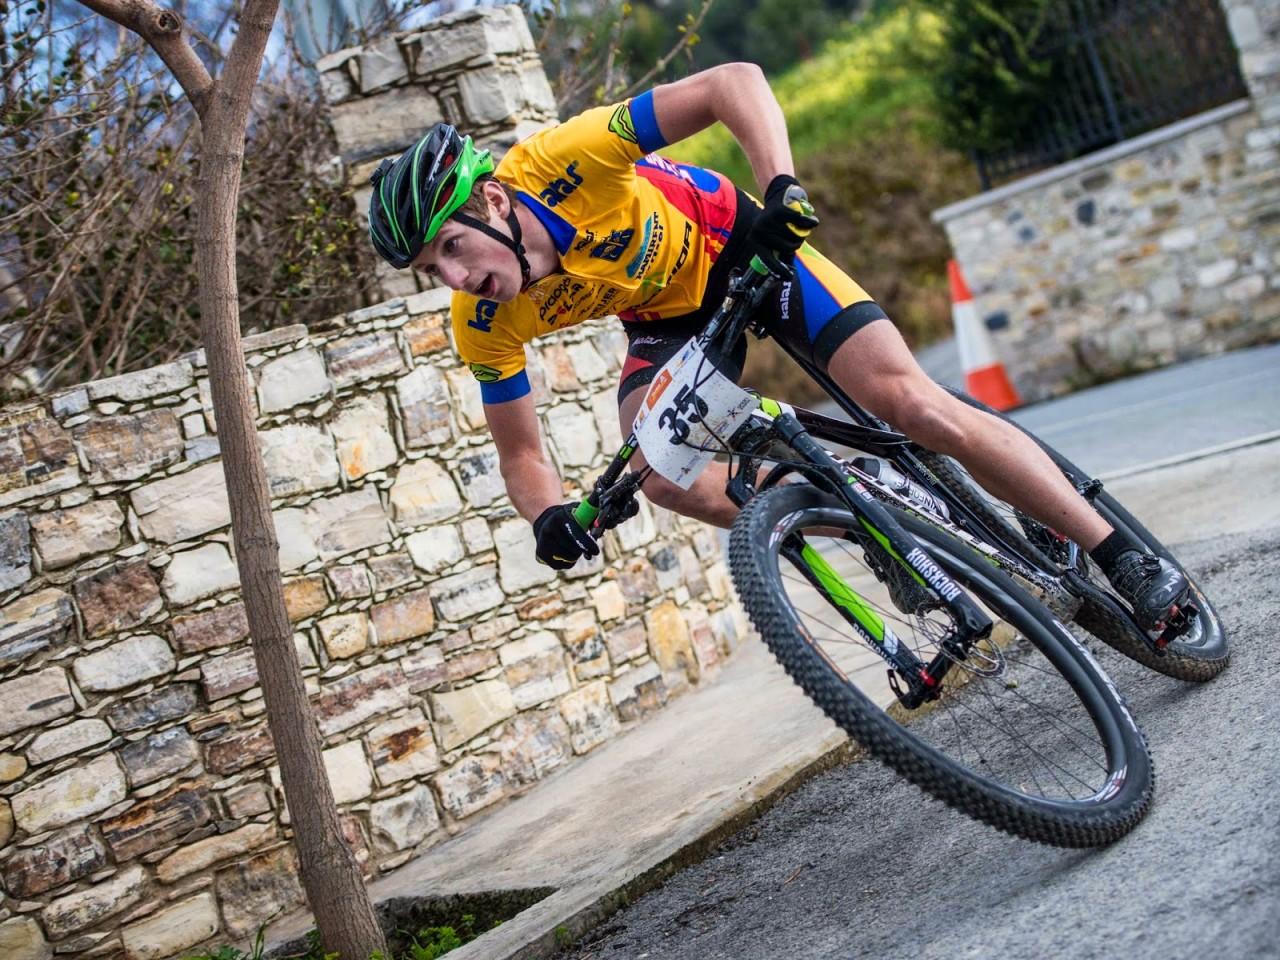 Emil Linde hoppas kunna studsa tillbaka och vara med och fightas på de kommande etapperna. foto: jeppman.com